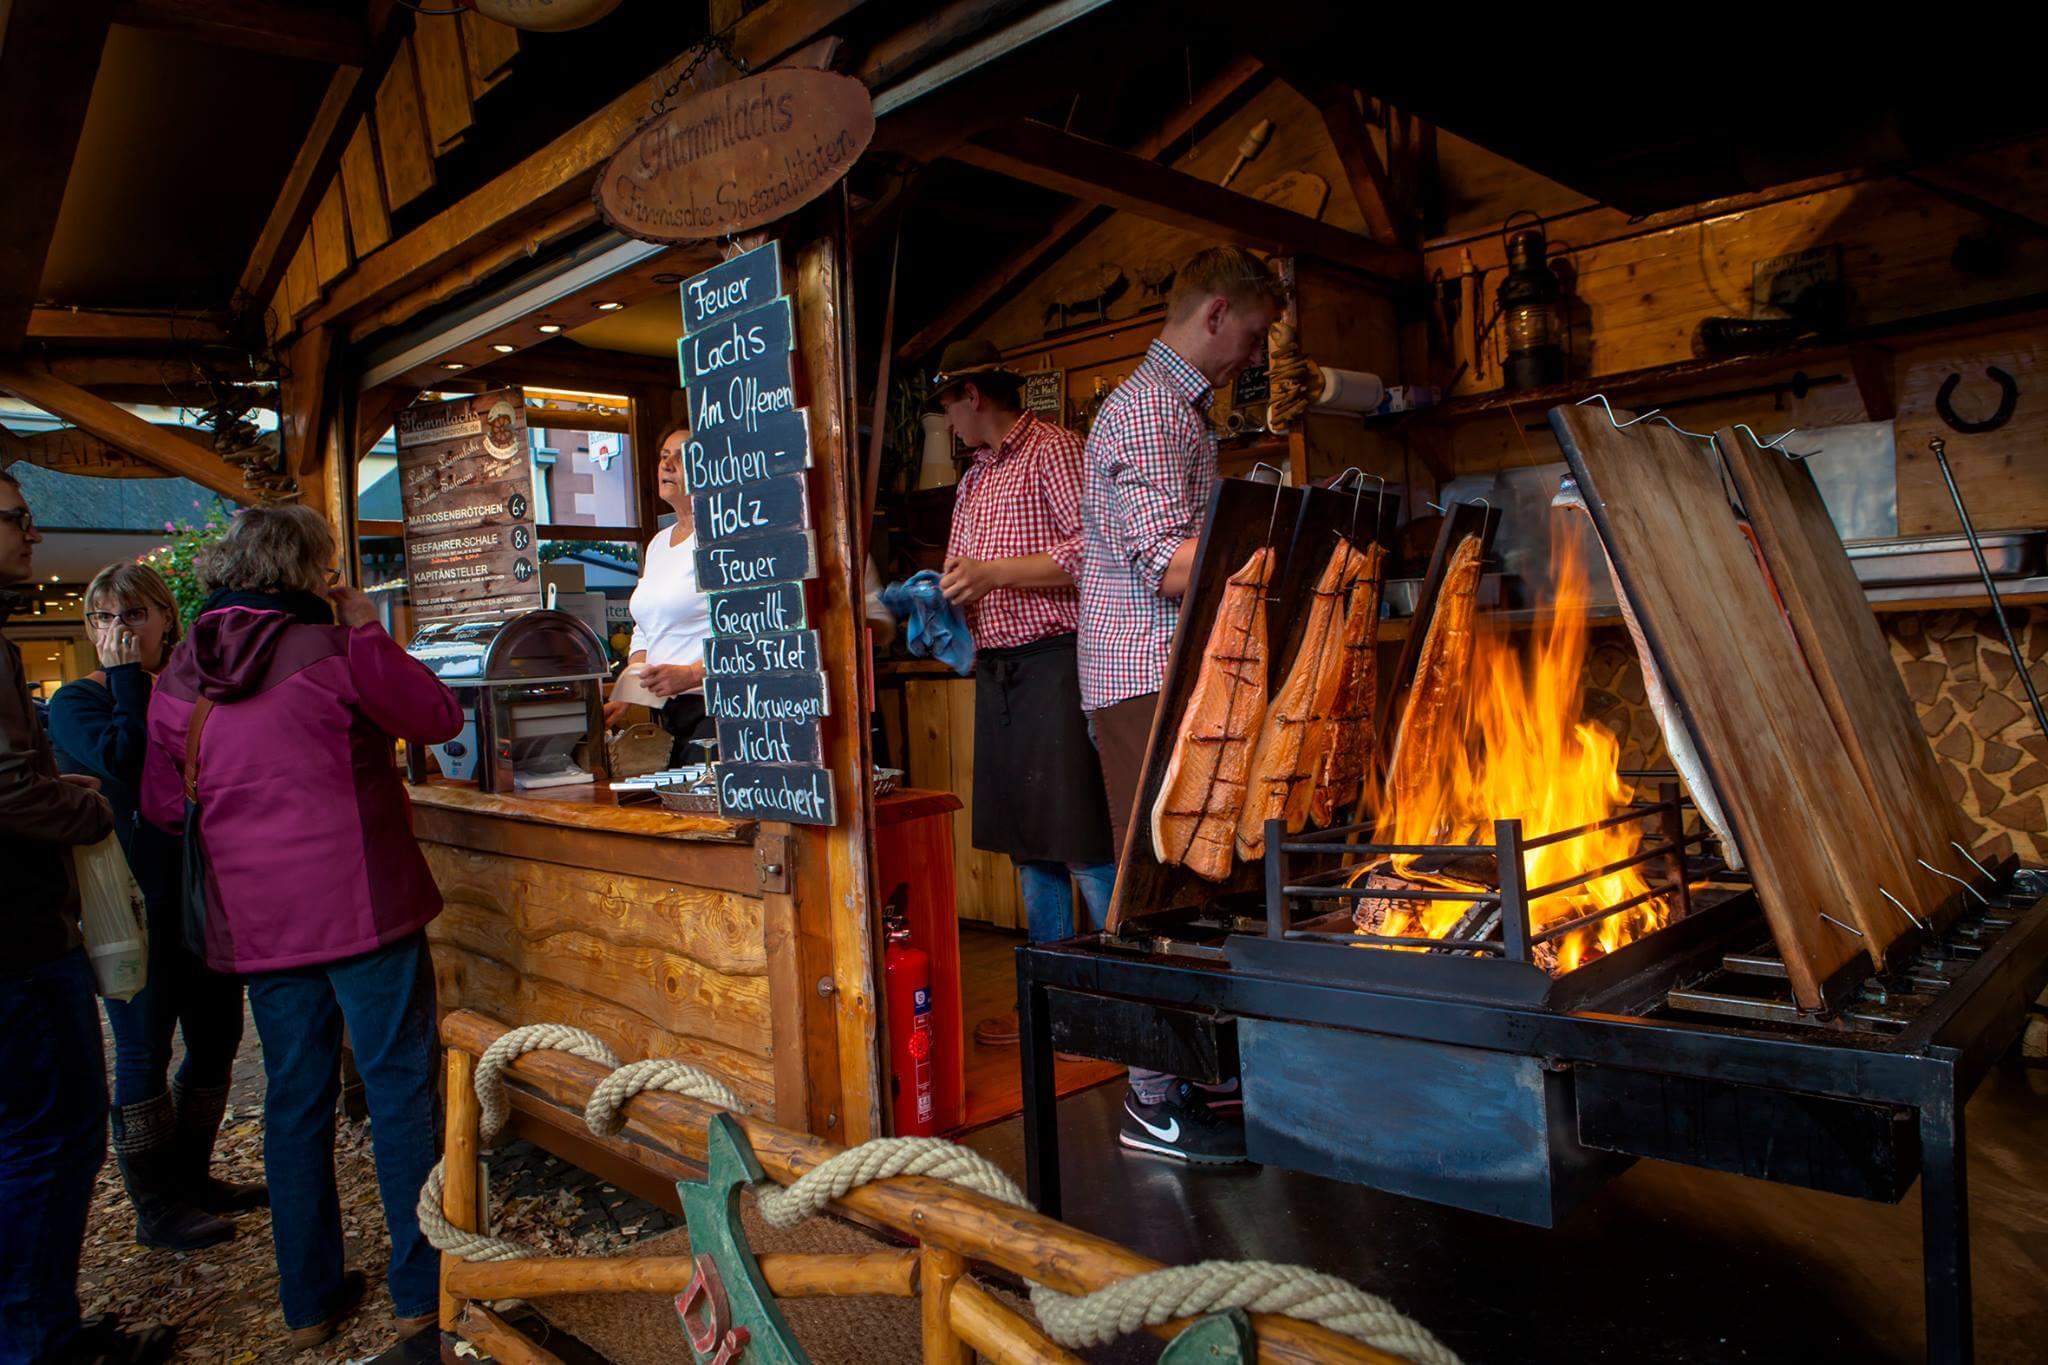 Der Flammlachs brutzel in der Blockhüttewie jedes jahr auf offener Feuerstelle. Und es gibt noch viel mehr Herzhaftes Süffiges oder für den liebhaber der Feinkost